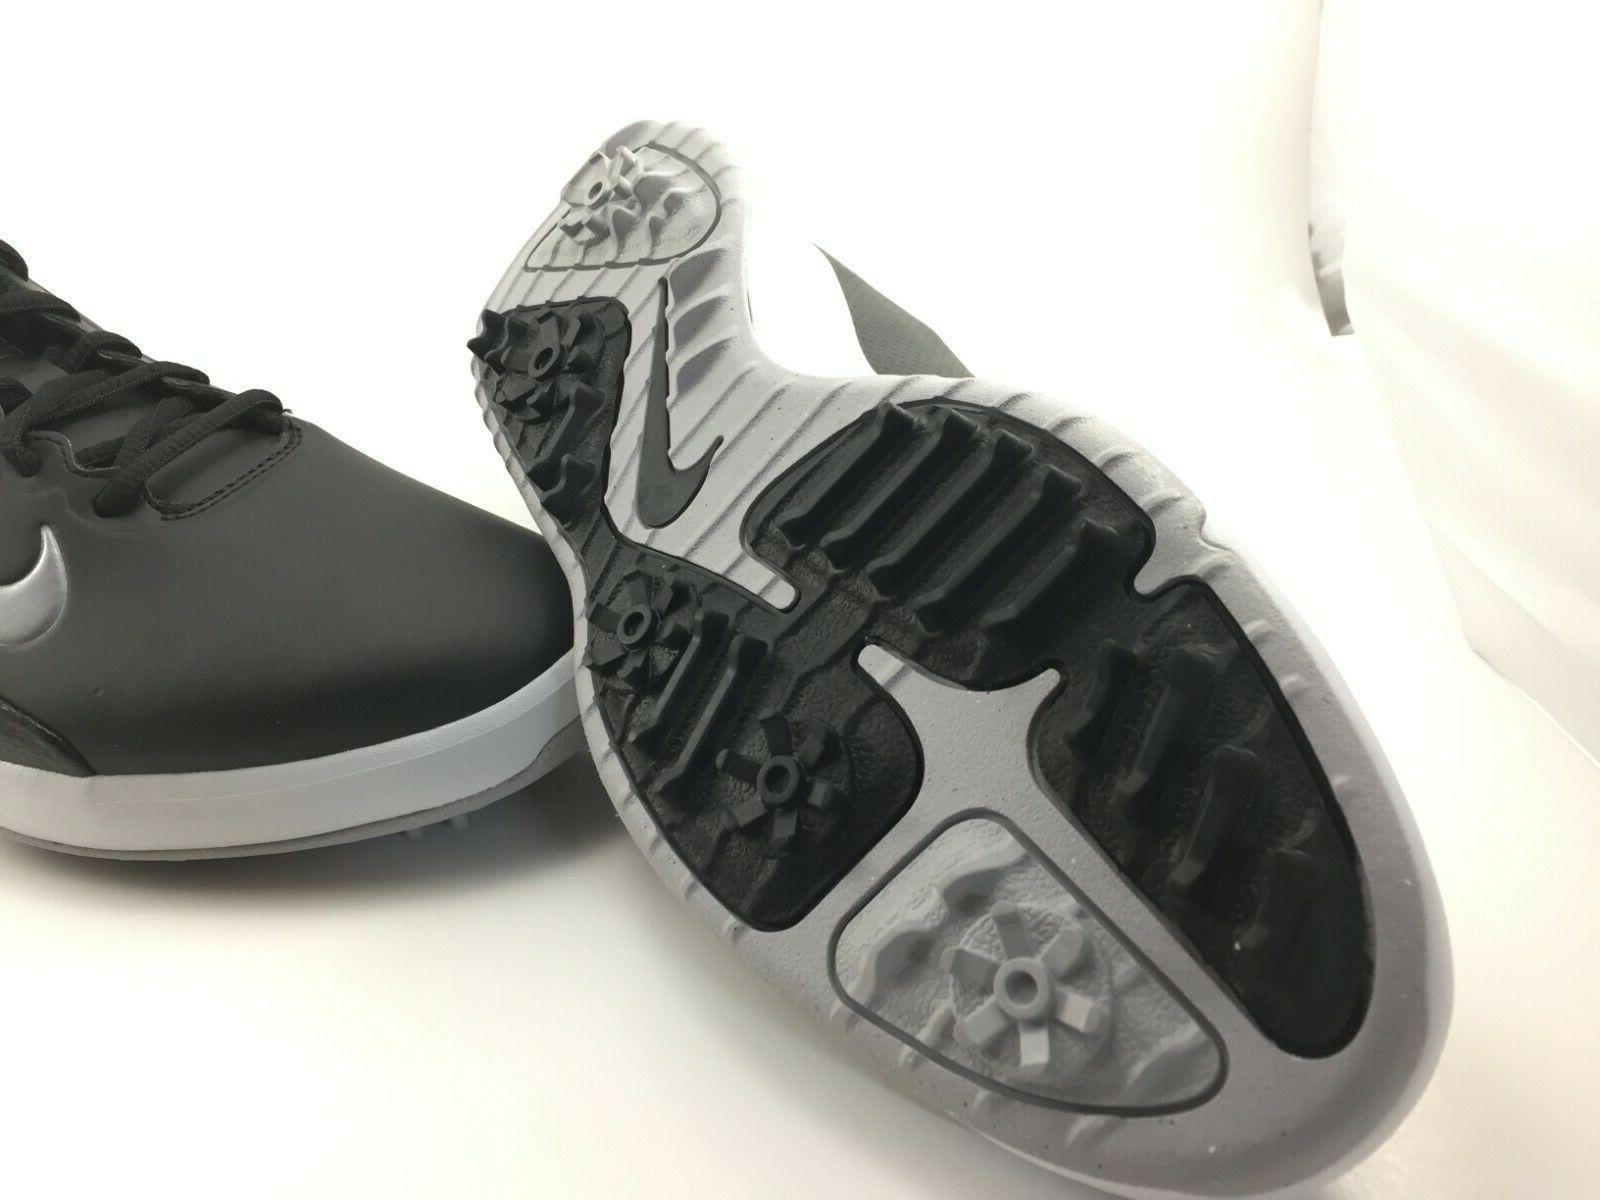 Nike Men's Vapor Shoes Black AQ2302-001